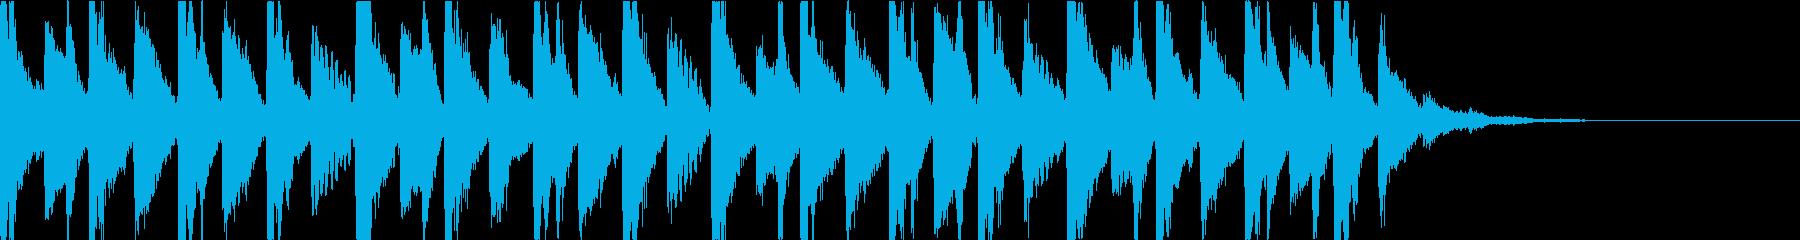 ドキドキ奇妙・ホラーミステリアスジングルの再生済みの波形